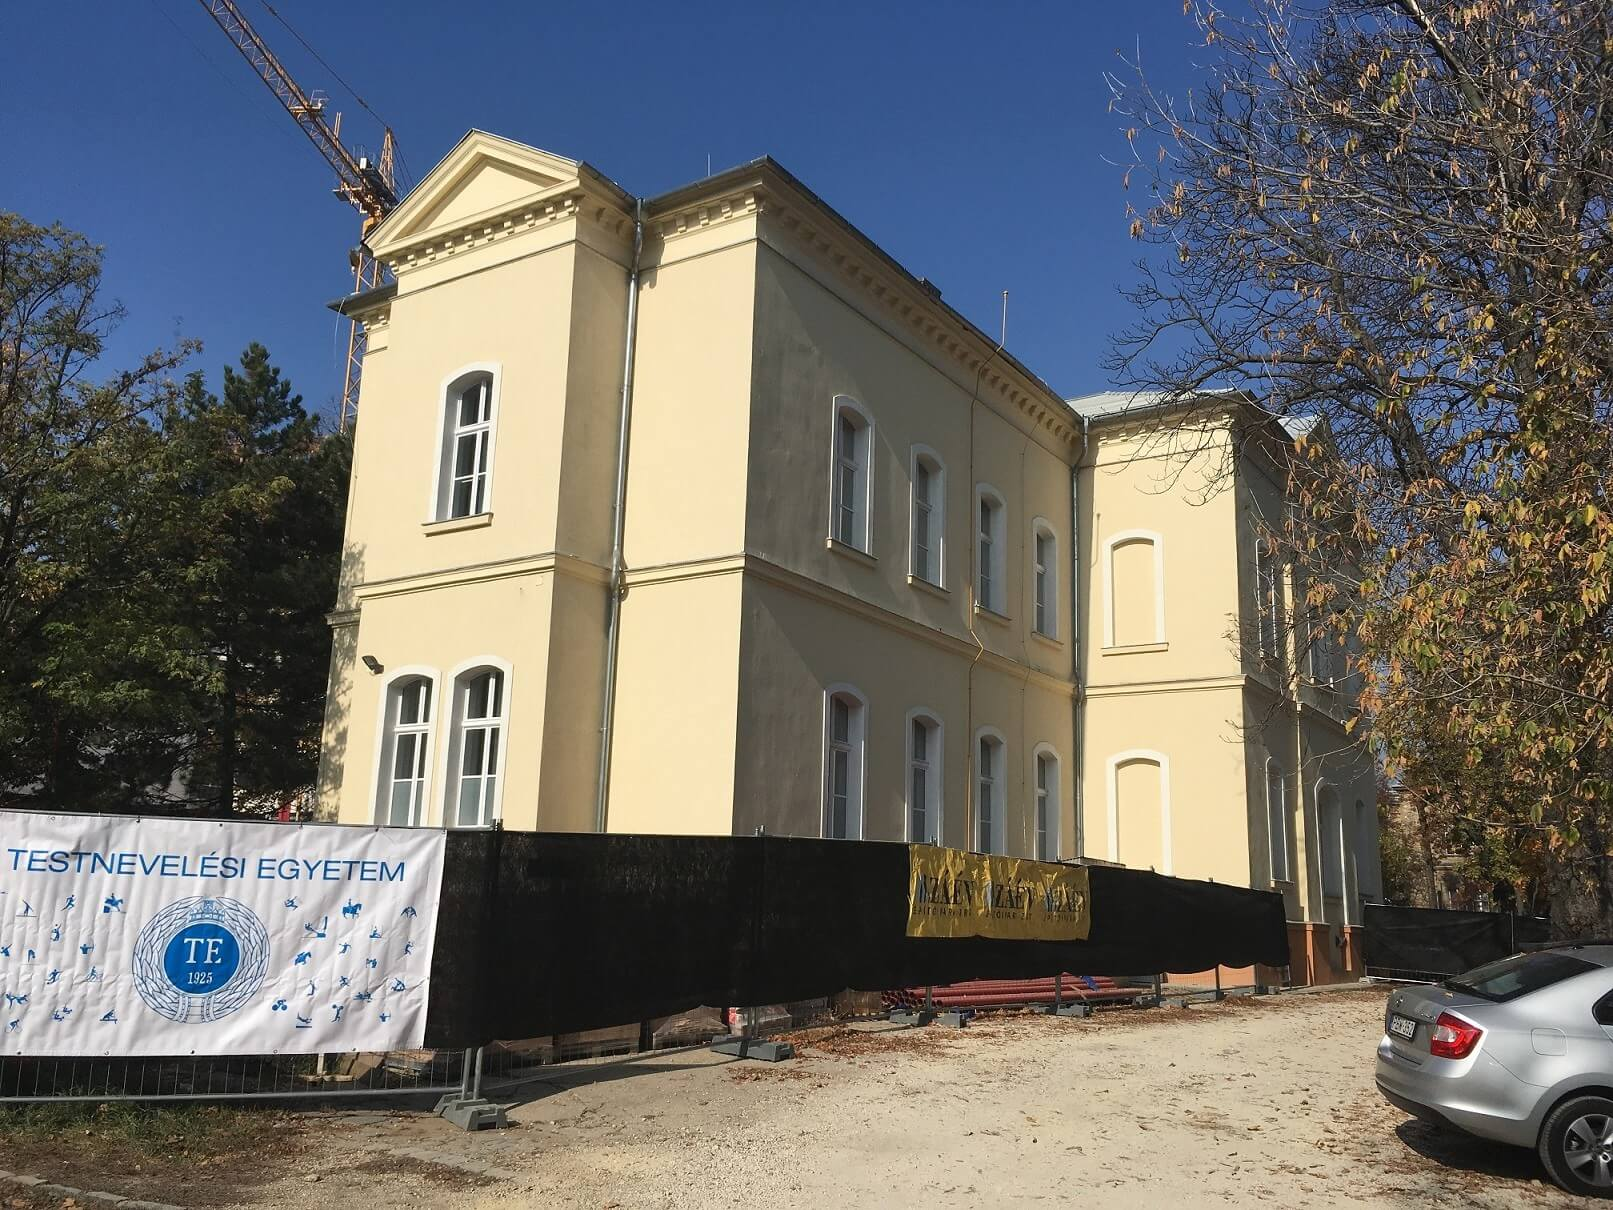 Elkészült a Testnevelési Egyetem első épületével a ZÁÉV